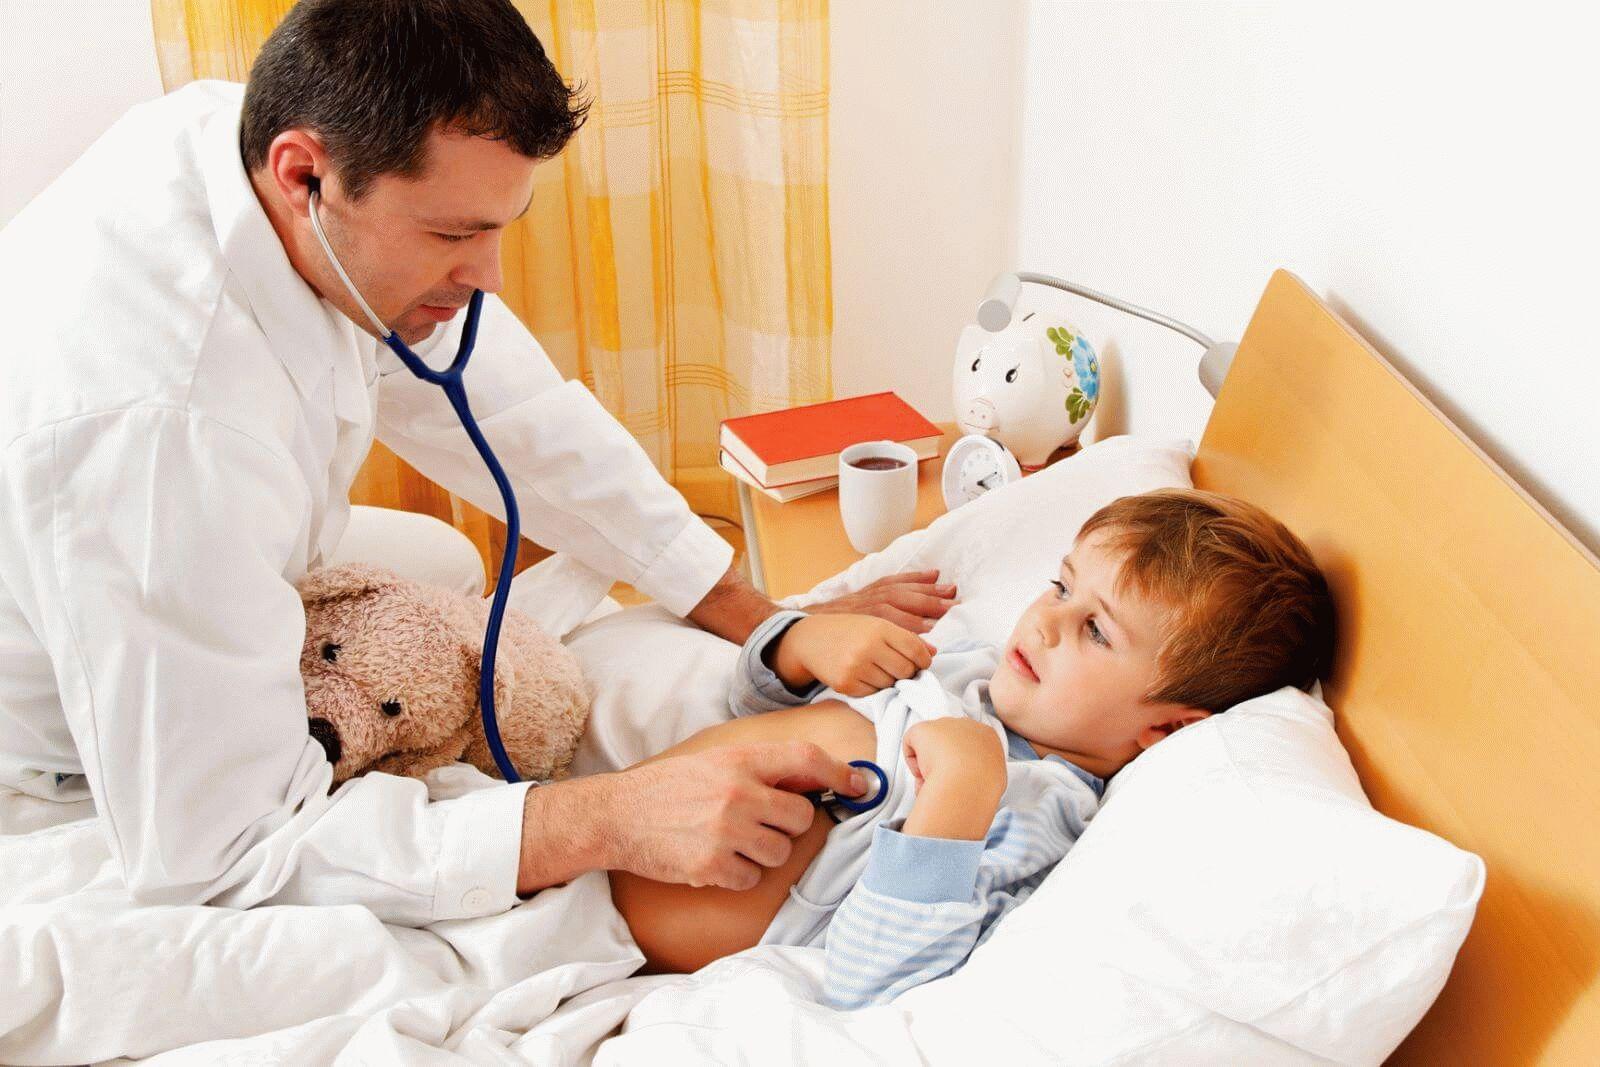 Симптомы и профилактика серозного менингита у детей. Как защитить детей от менингита